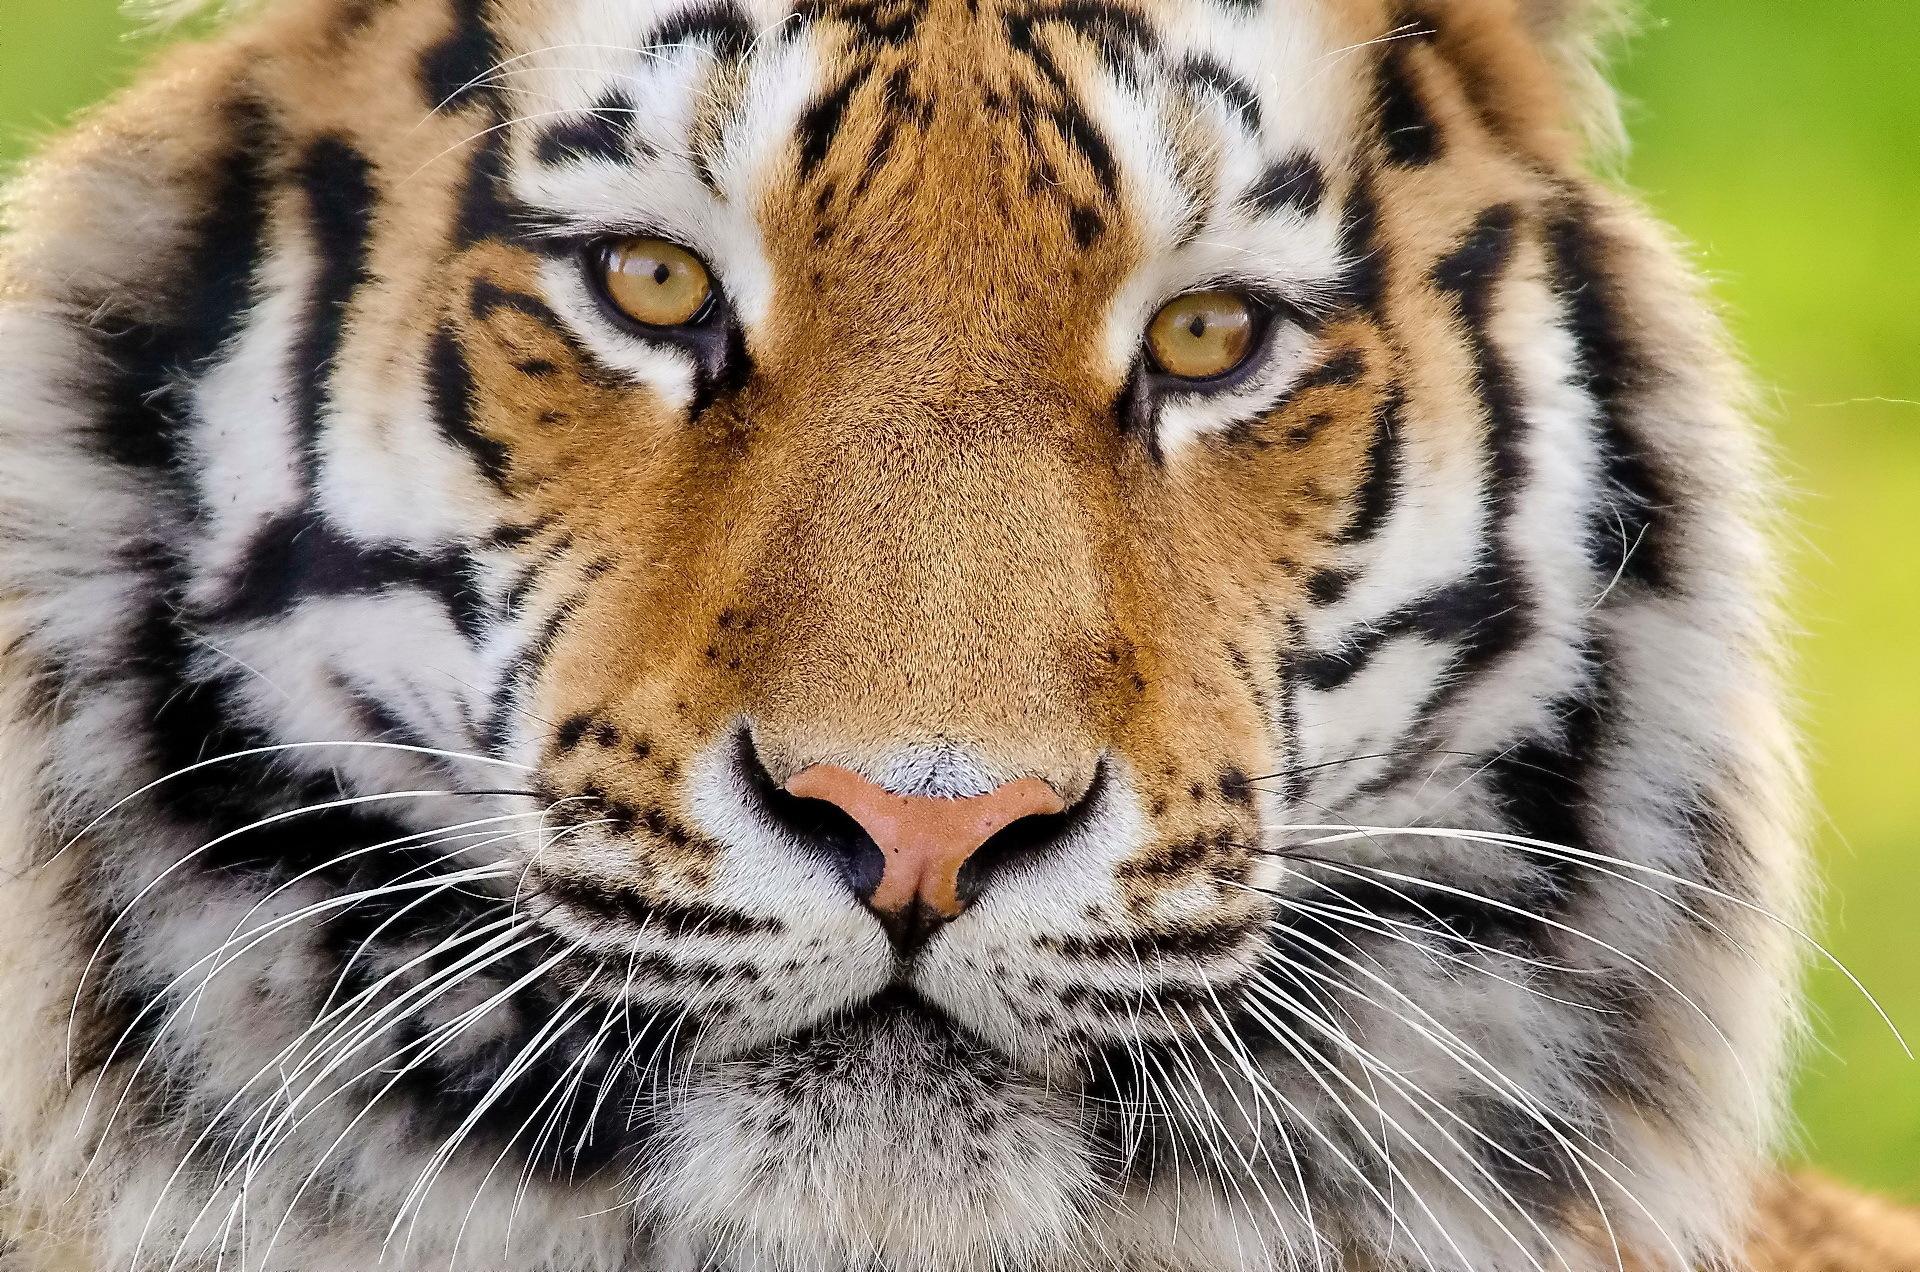 дочка картинка для экрана тигр дерматит это заболевание